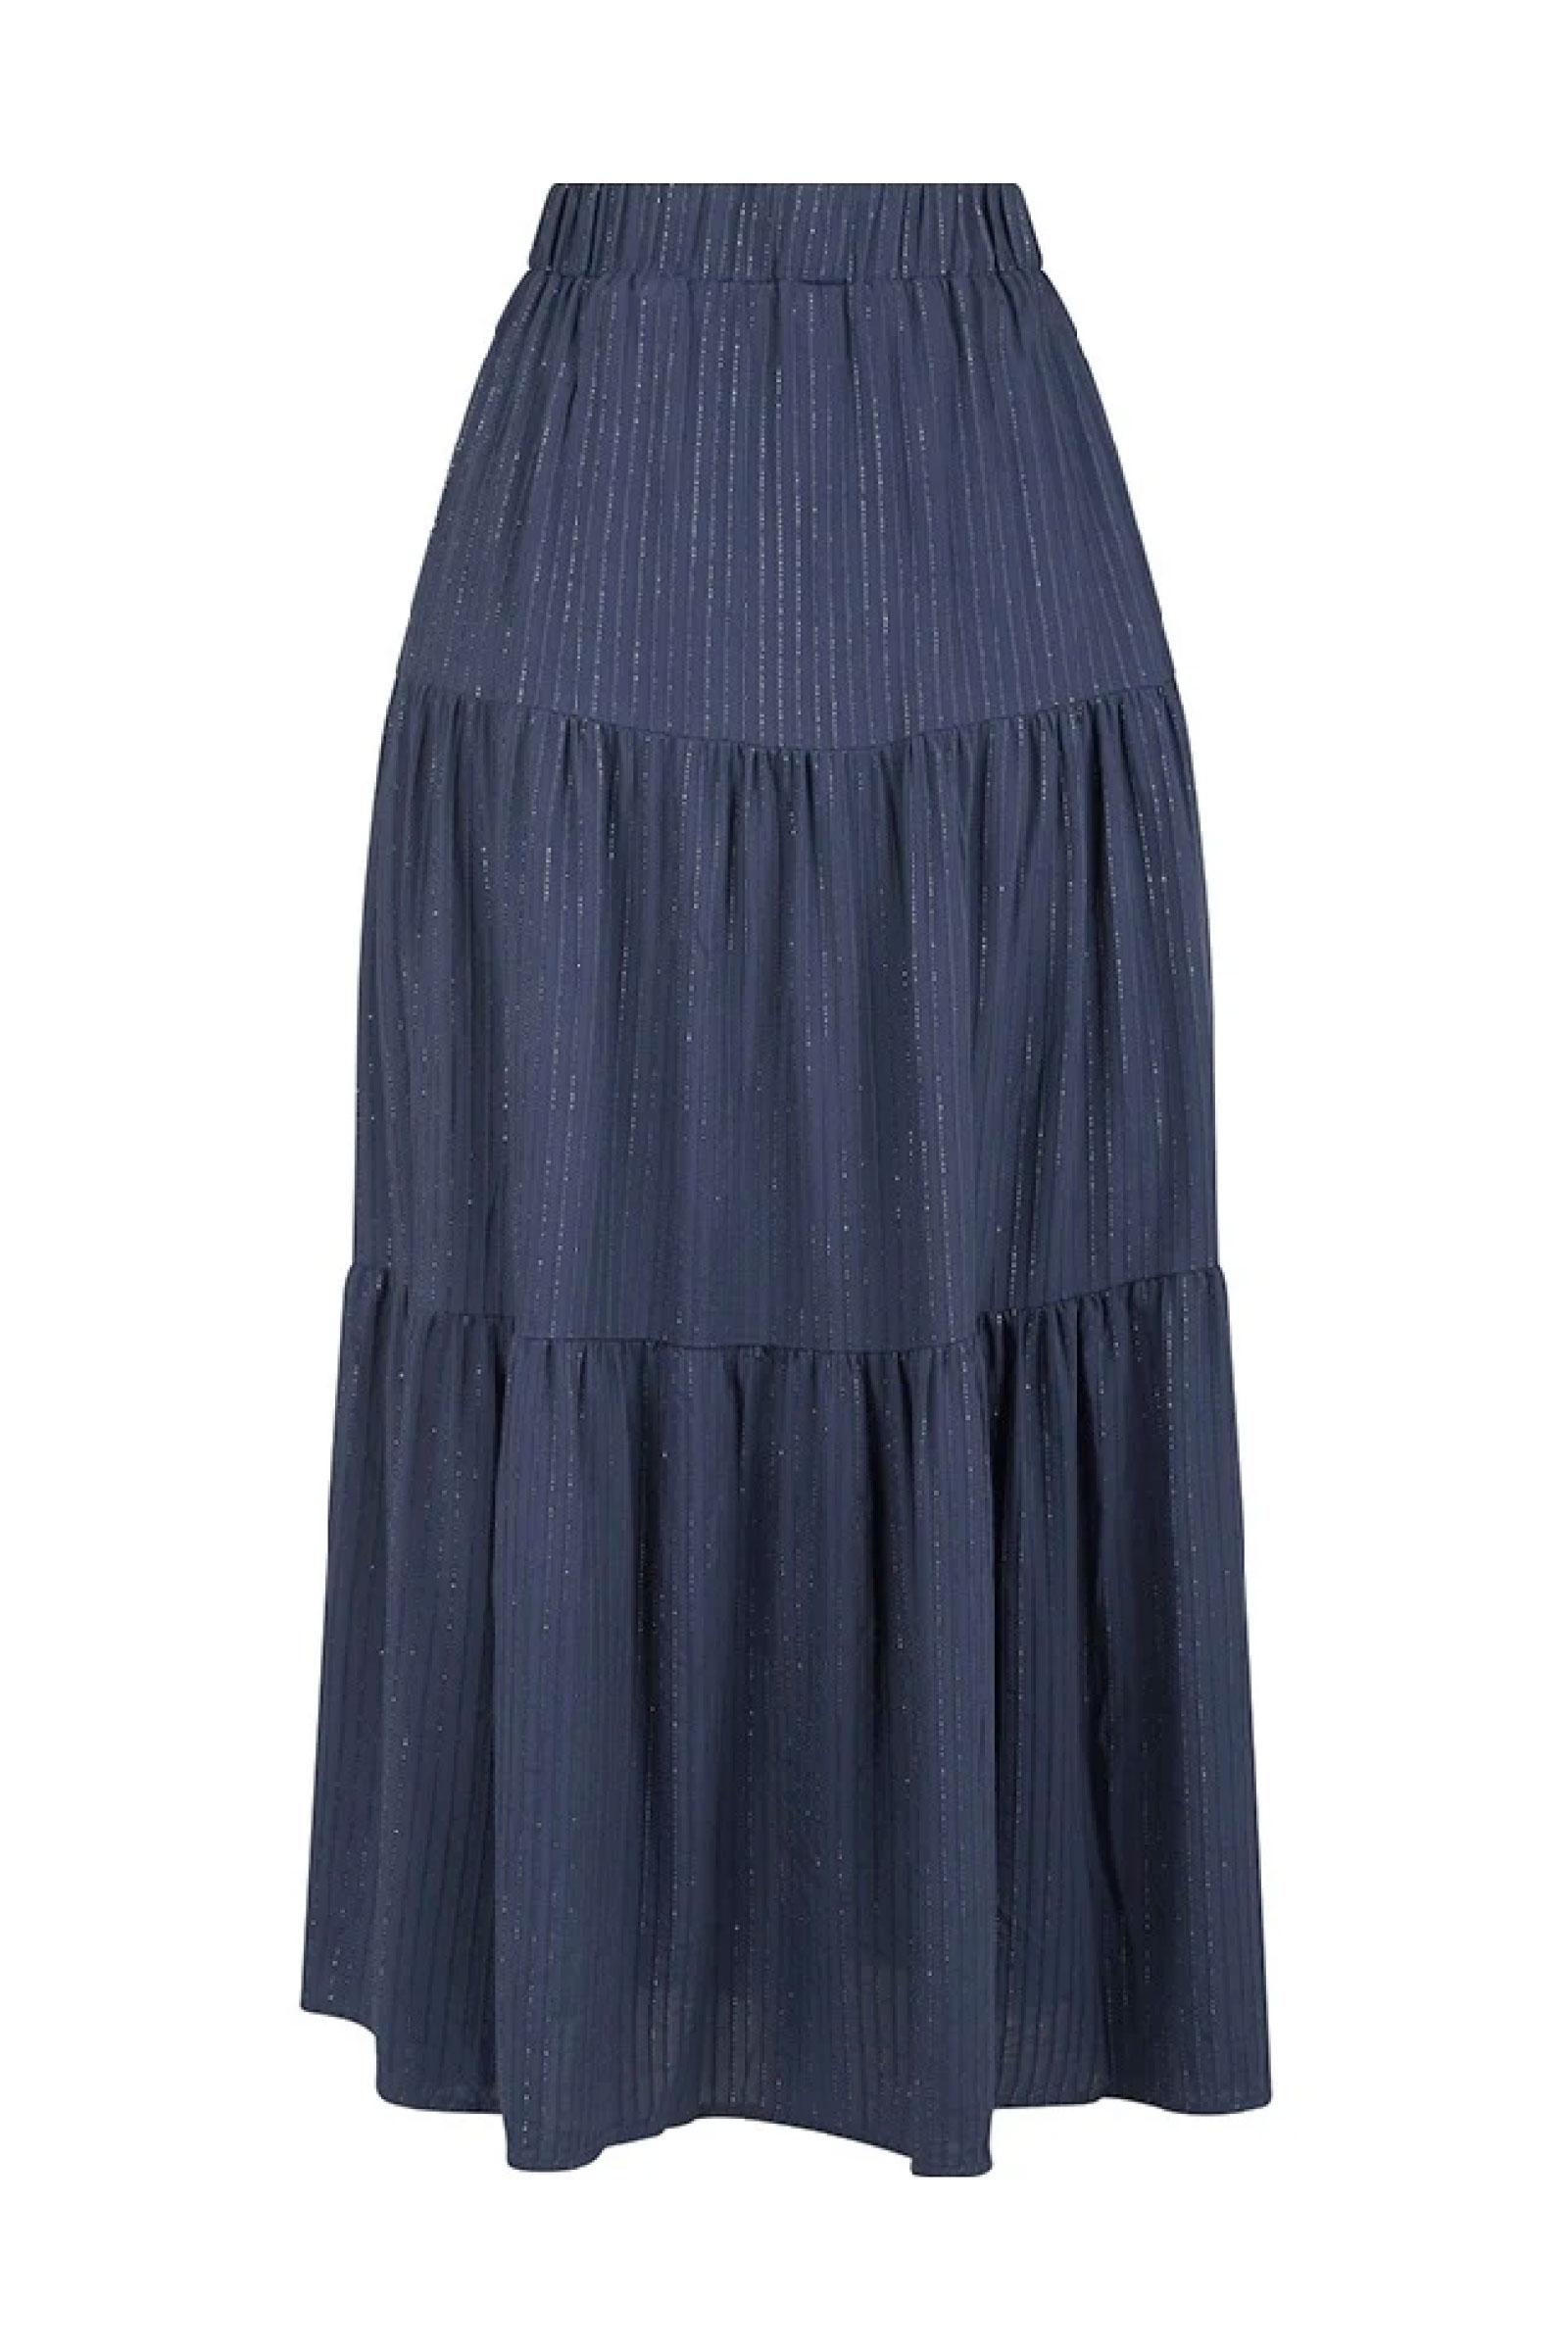 NAF NAF | Skirt | PENJ430567